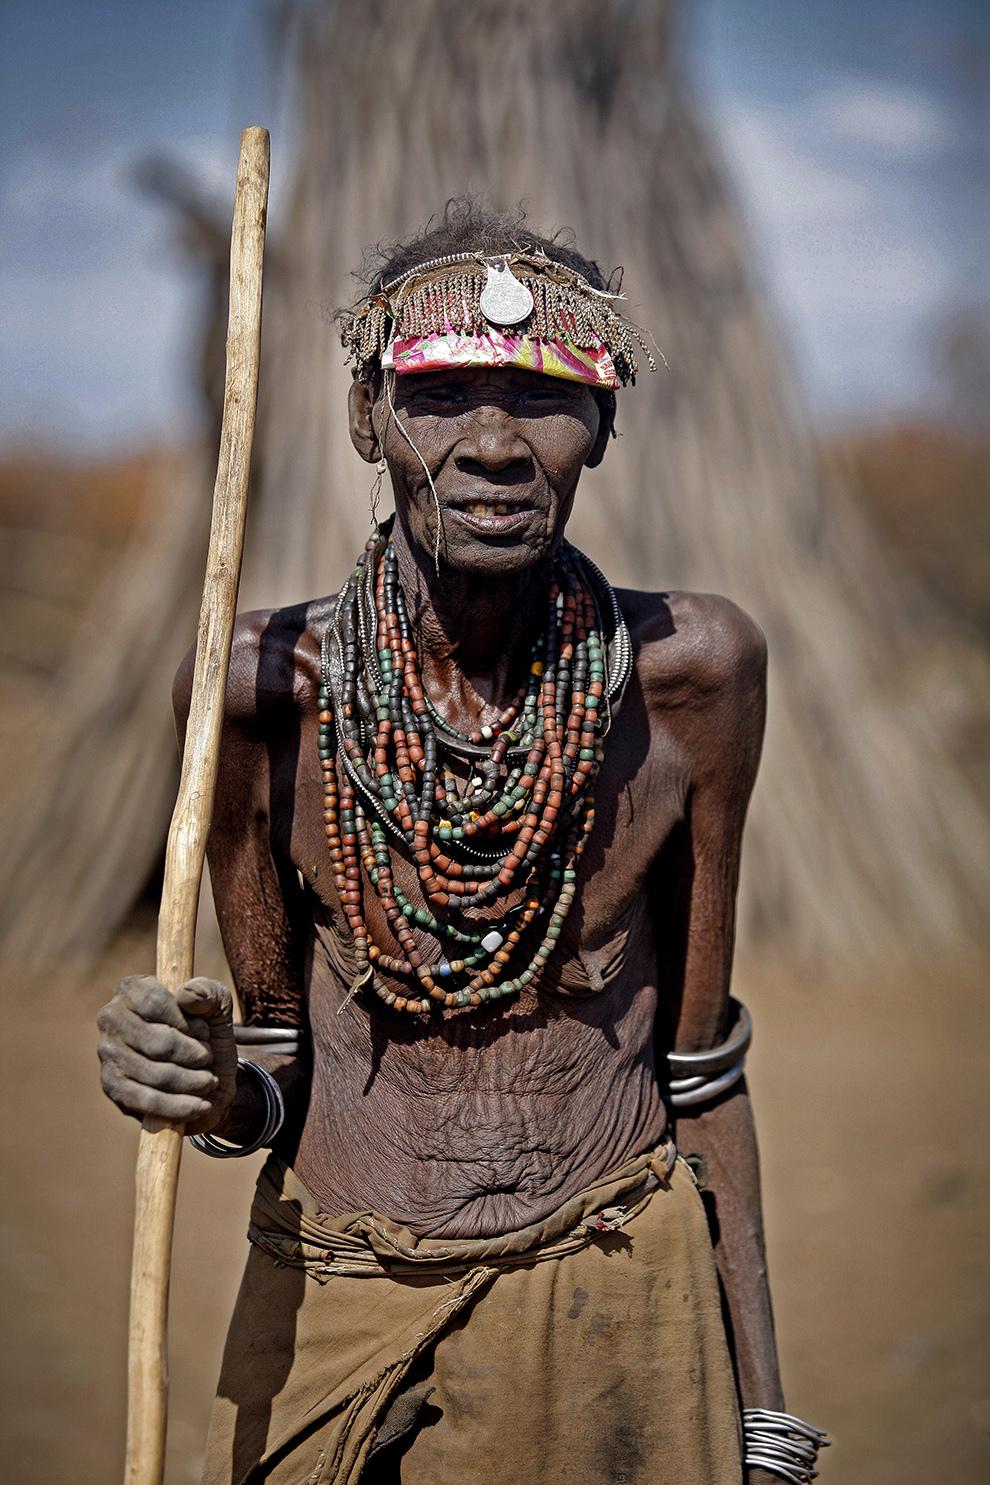 Femeie bătrână din tribul Dassanech de pe Valea râului Omo din sudul Etiopiei pozează cu podoabe tradiţionale.